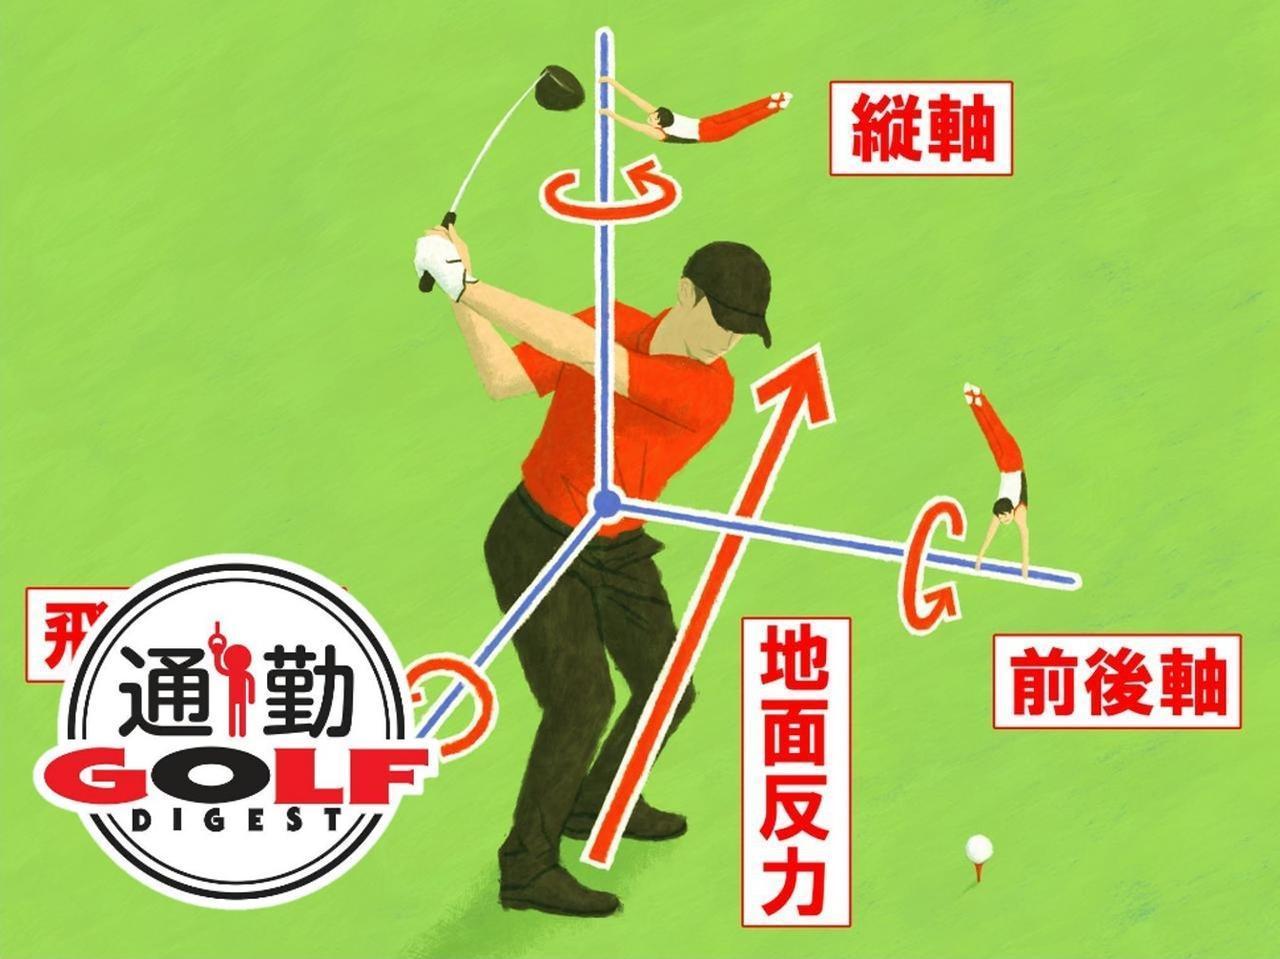 画像: 【通勤GD】Dr.クォンの反力打法 Vol.5 地面反力が生み出す 「3つ」の回転力 ゴルフダイジェストWEB - ゴルフへ行こうWEB by ゴルフダイジェスト